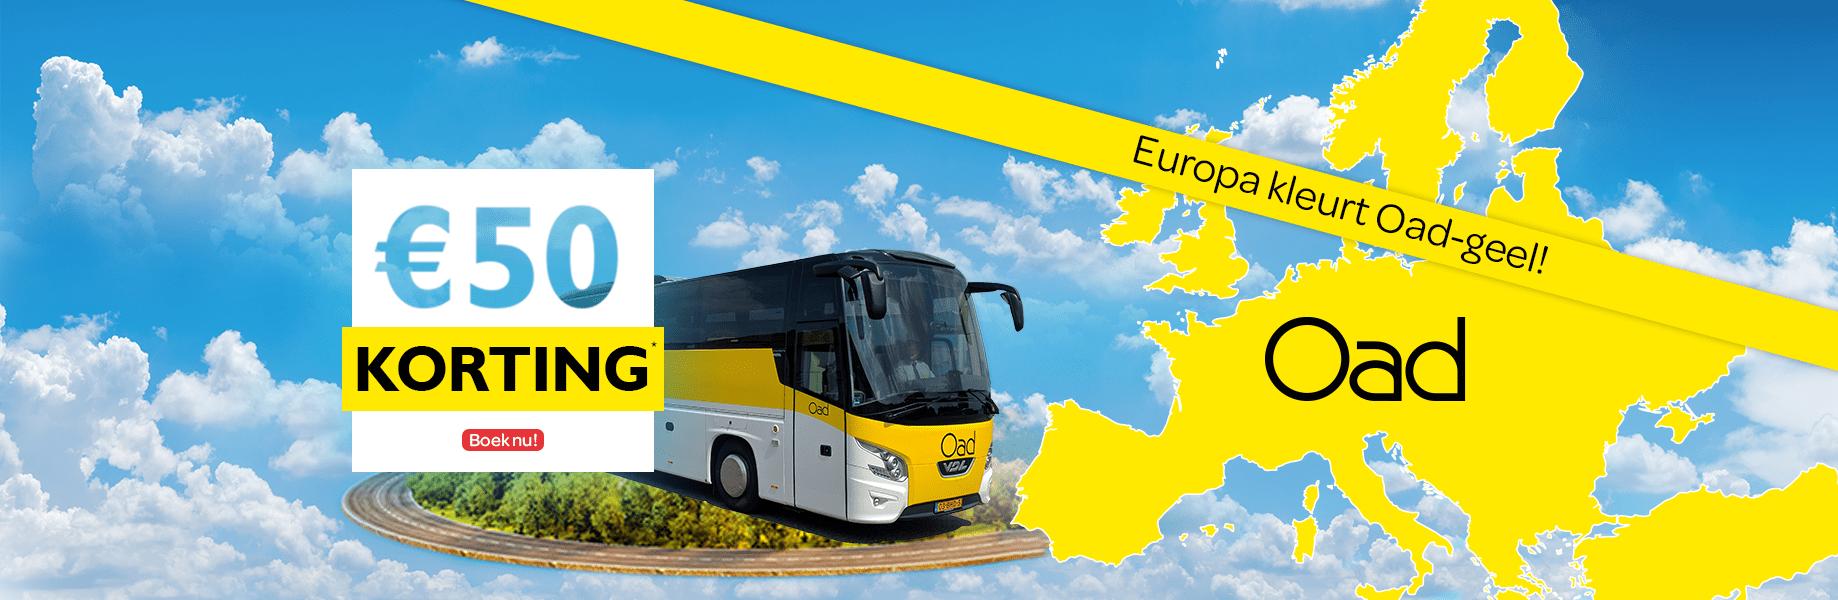 Homepage Europa kleurt oad geel